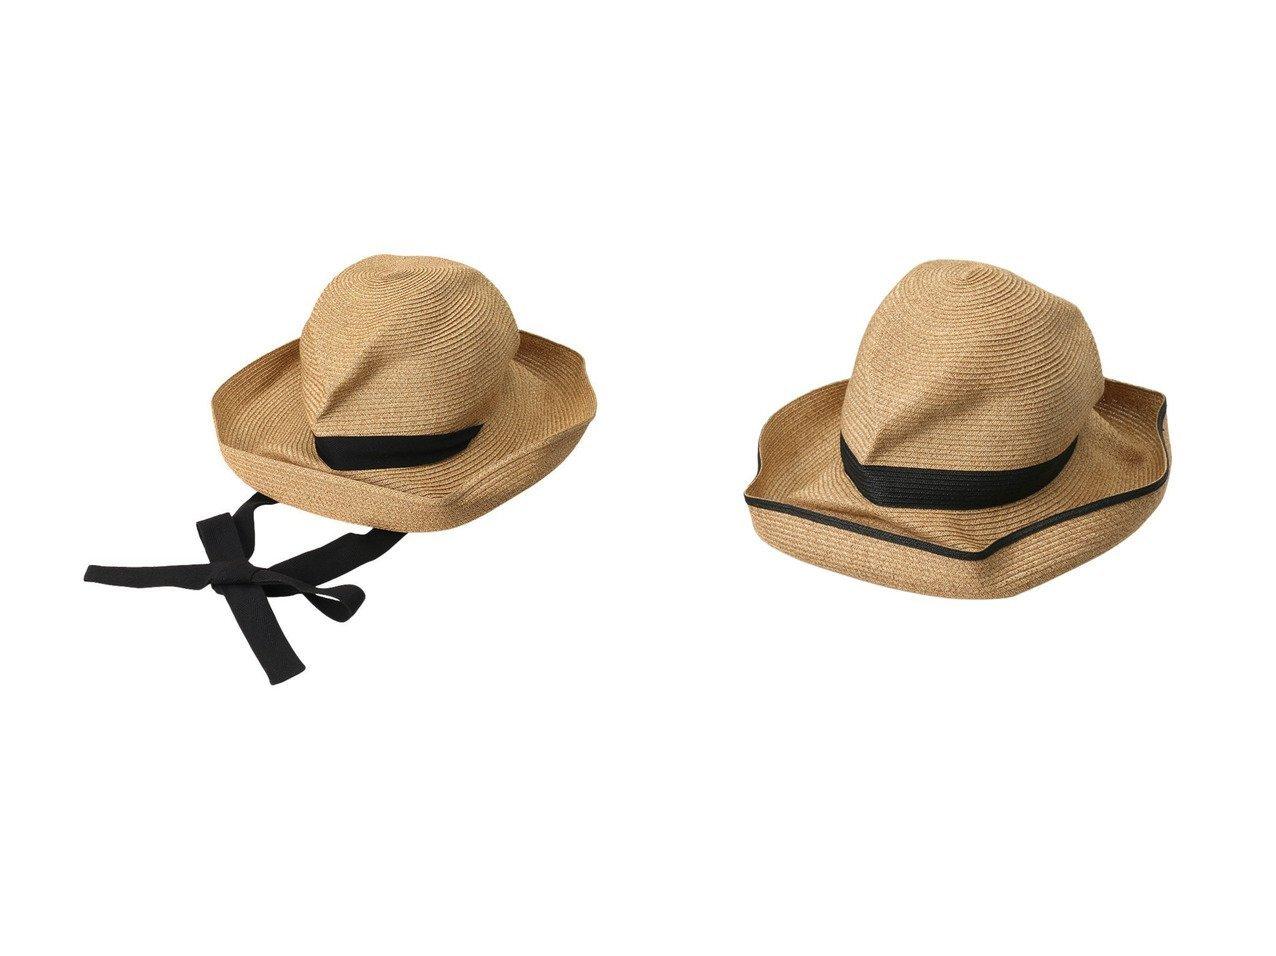 【mature ha./マチュアーハ】のBOXED HAT スイッチカラーラインワイドアバカ(11cm brim)&BOXED HAT ガーデンリボン(11cm brim) おすすめ!人気、トレンド・レディースファッションの通販 おすすめで人気の流行・トレンド、ファッションの通販商品 インテリア・家具・メンズファッション・キッズファッション・レディースファッション・服の通販 founy(ファニー) https://founy.com/ ファッション Fashion レディースファッション WOMEN 帽子 Hats ガーデン シンプル リボン 帽子 |ID:crp329100000040394